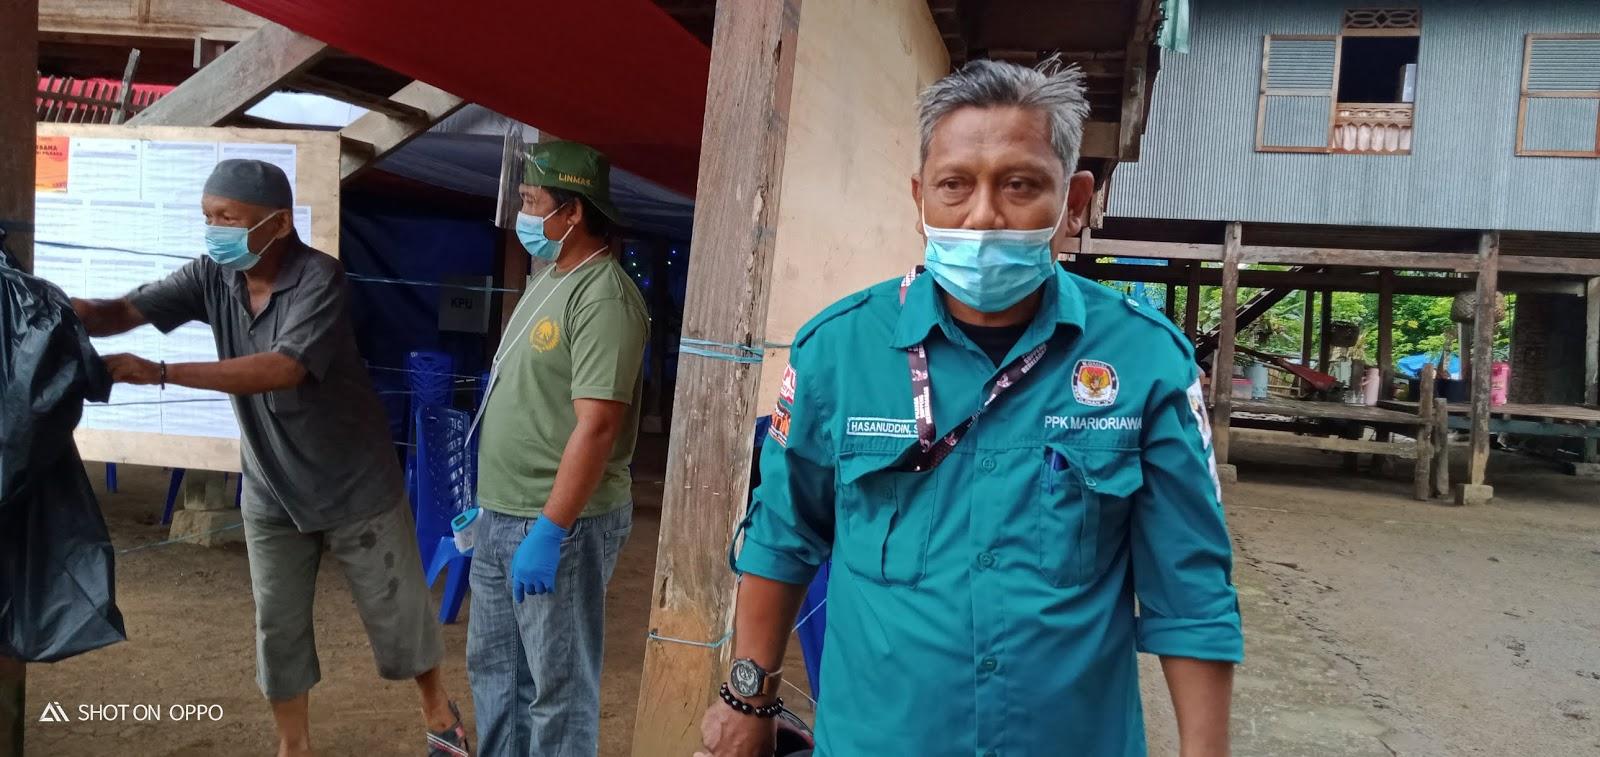 Ketua PPK Kecamatan Marioriawa Sampaikan Beberapa Hal Terkait Pemilihan Bupati dan Wakil Bupati 2020